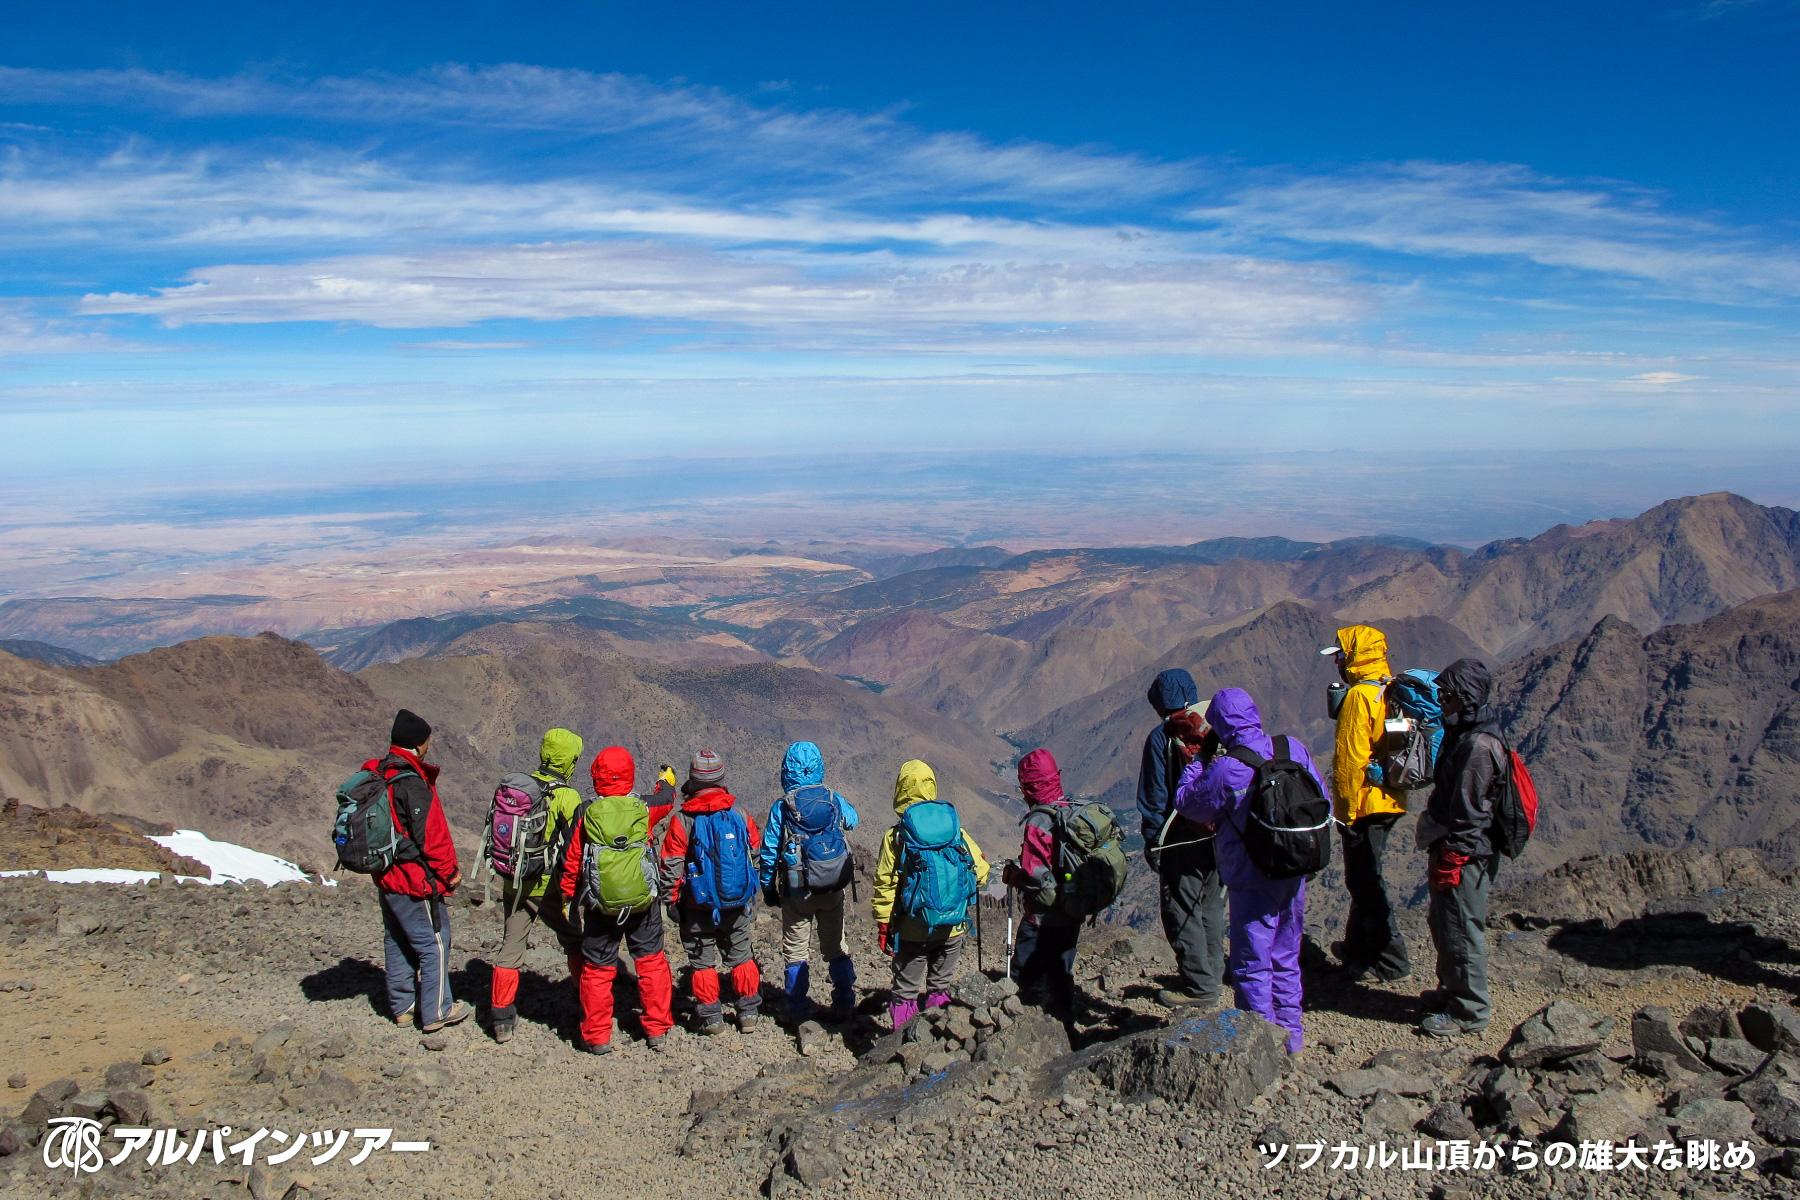 【エリア紹介】 モロッコ最高峰ツブカル山